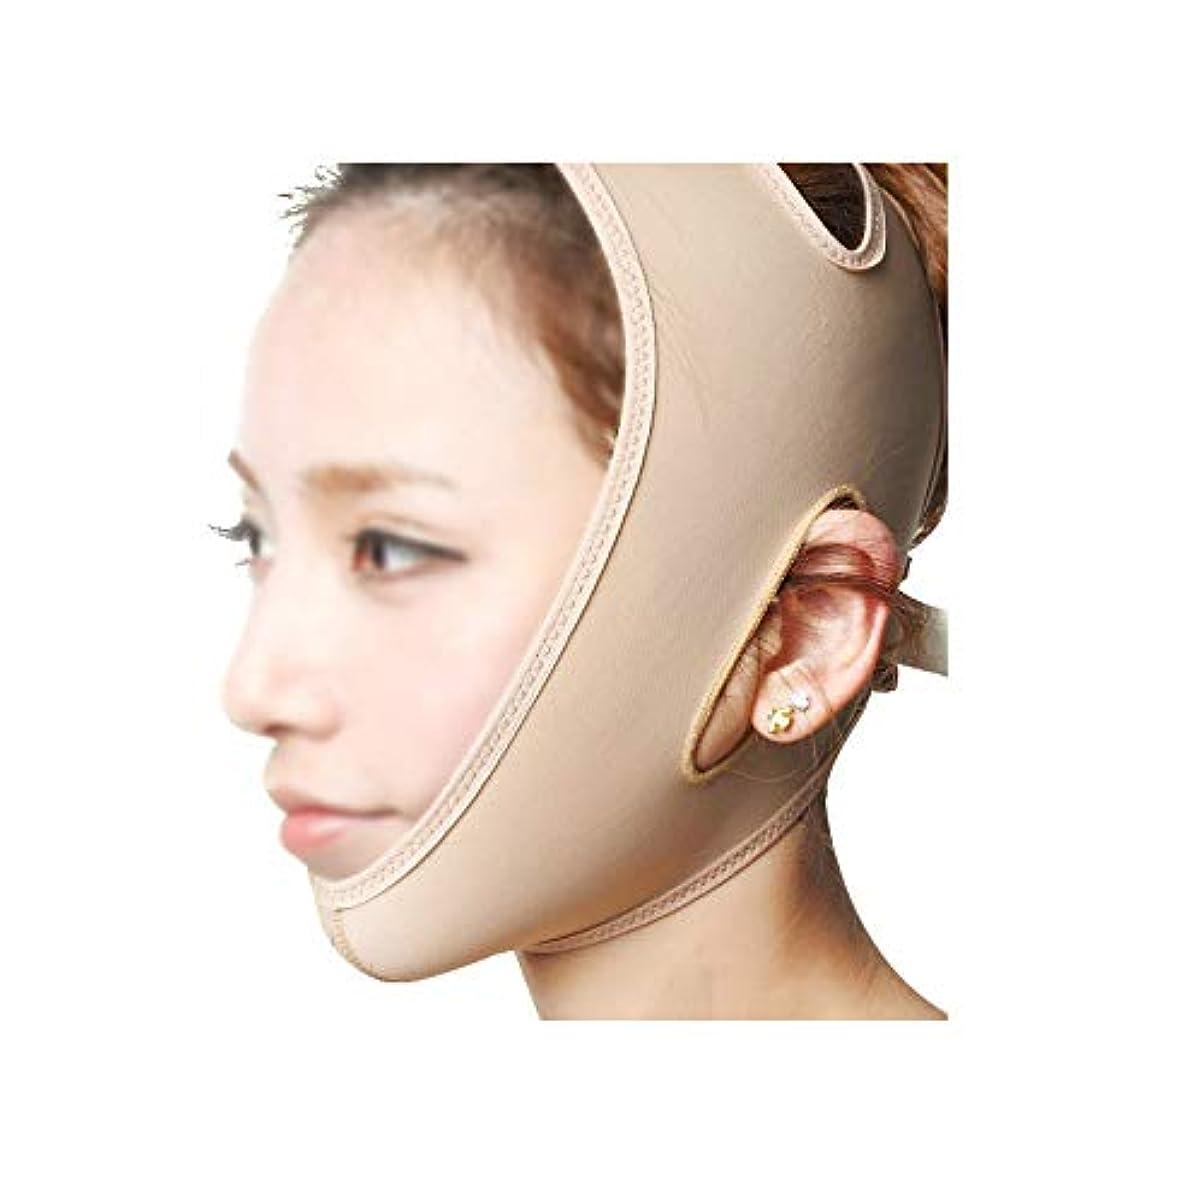 幻滅当社行商LJK フェイスリフティングバンデージ、フェイスマスク3Dパネルデザイン、通気性のある非通気性、高弾性ライクラ生地フィジカルVフェイス、美しい顔の輪郭の作成 (Size : S)